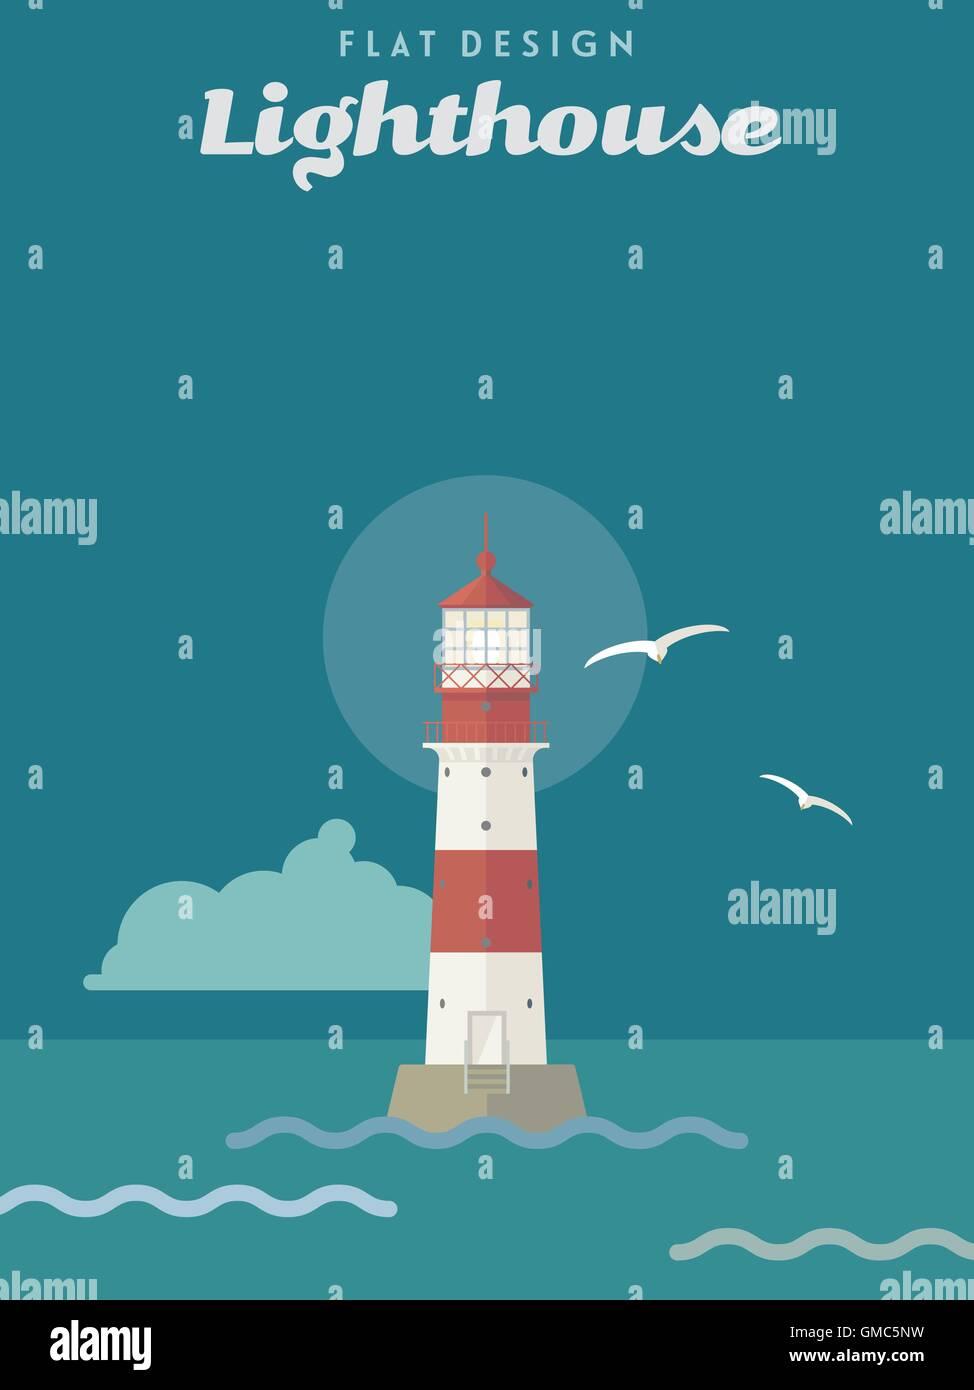 Vector illustration of illuminated lighthouse, flat design - Stock Vector